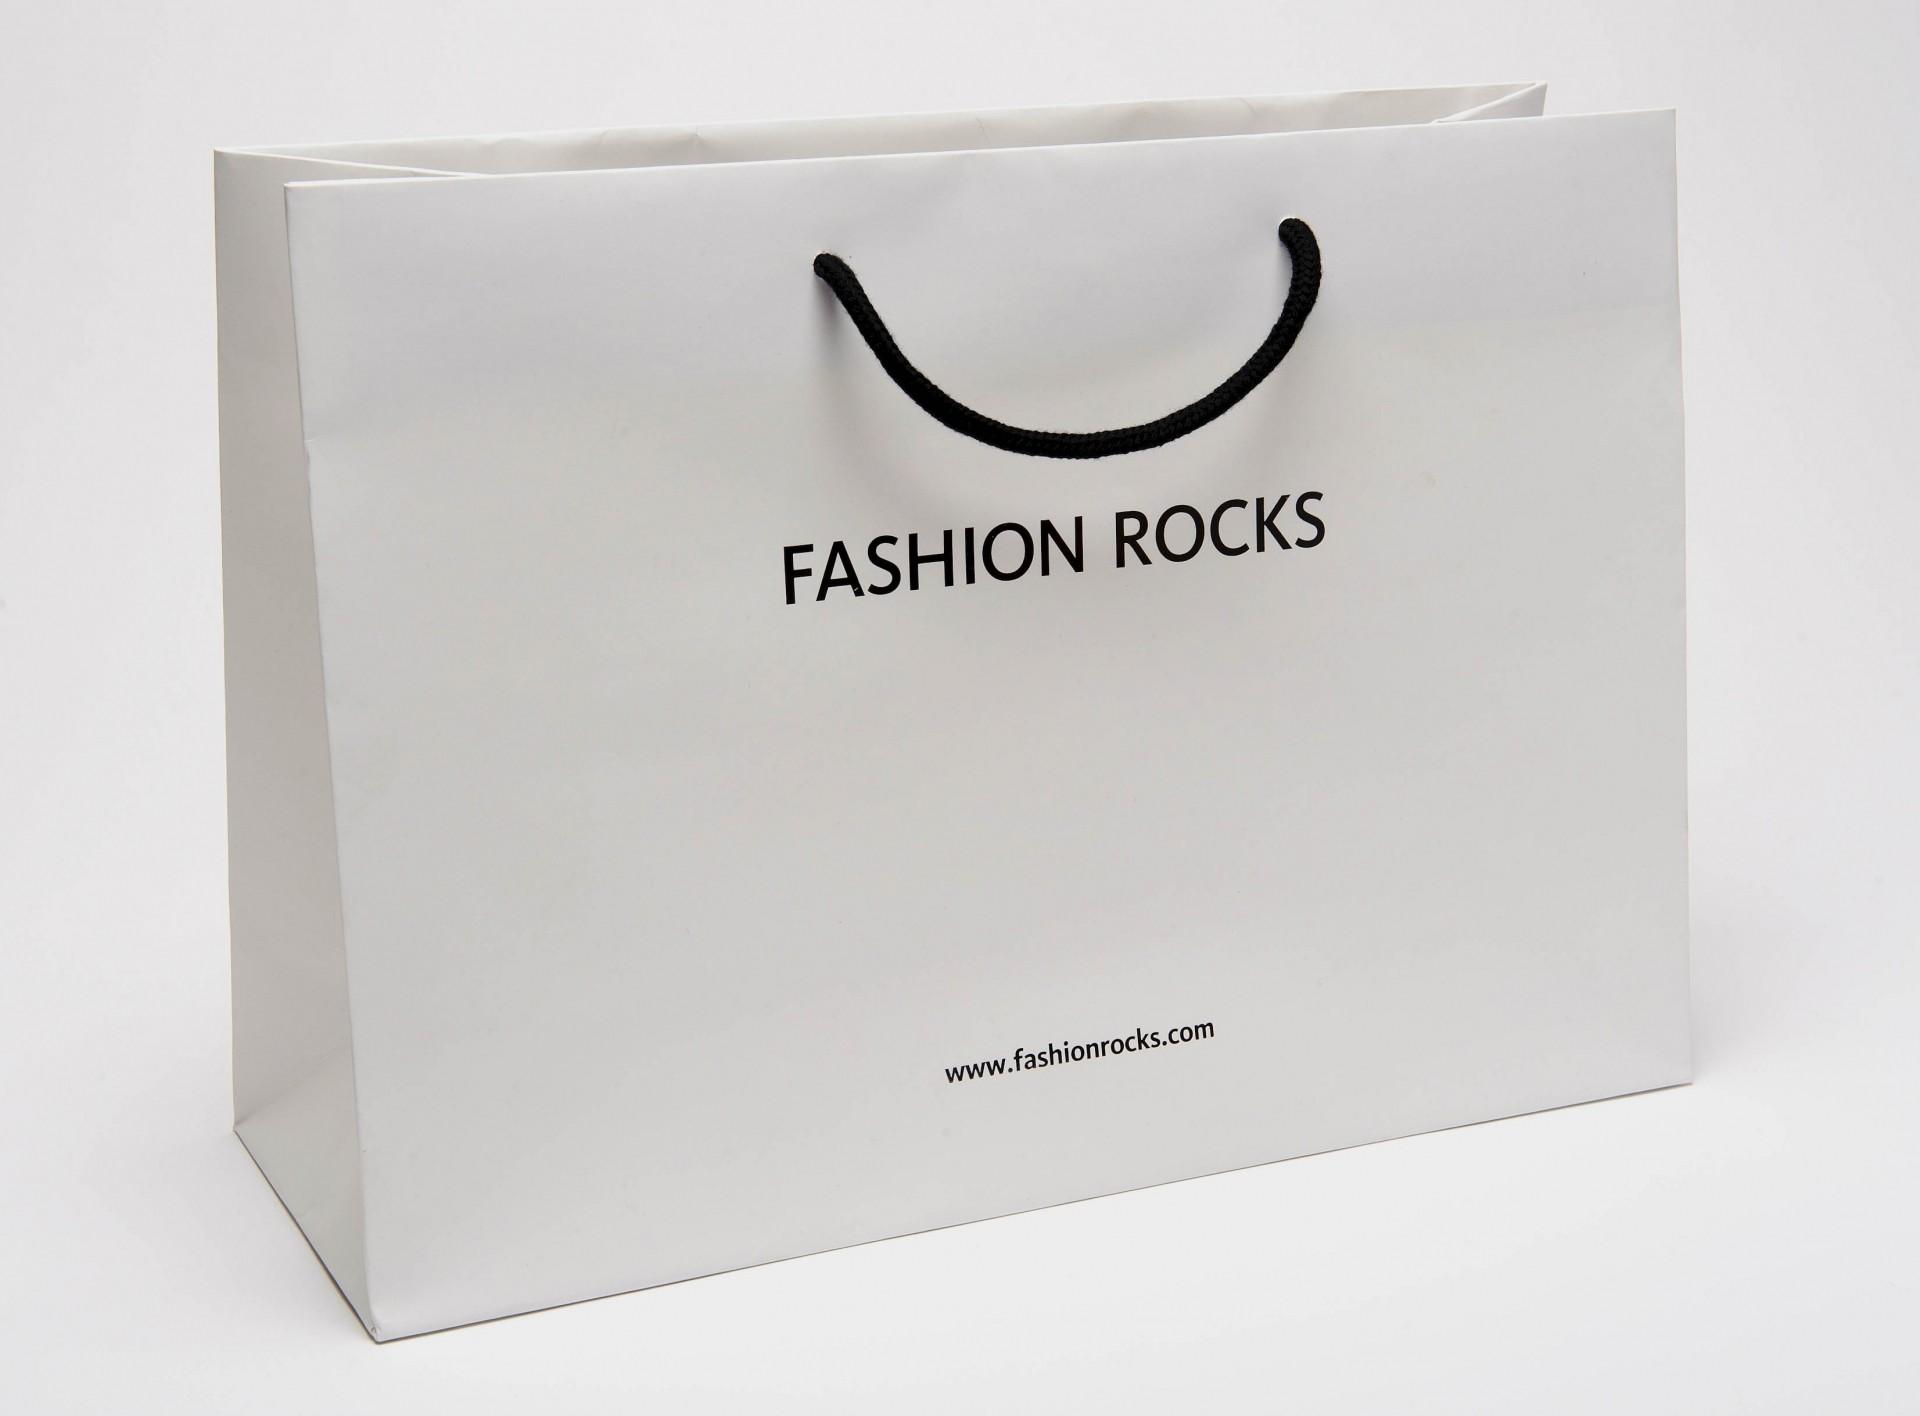 Top 50 mẫu túi giấy đựng quần áo đang được các tín đồ mua sắm ưa chuộng nhất